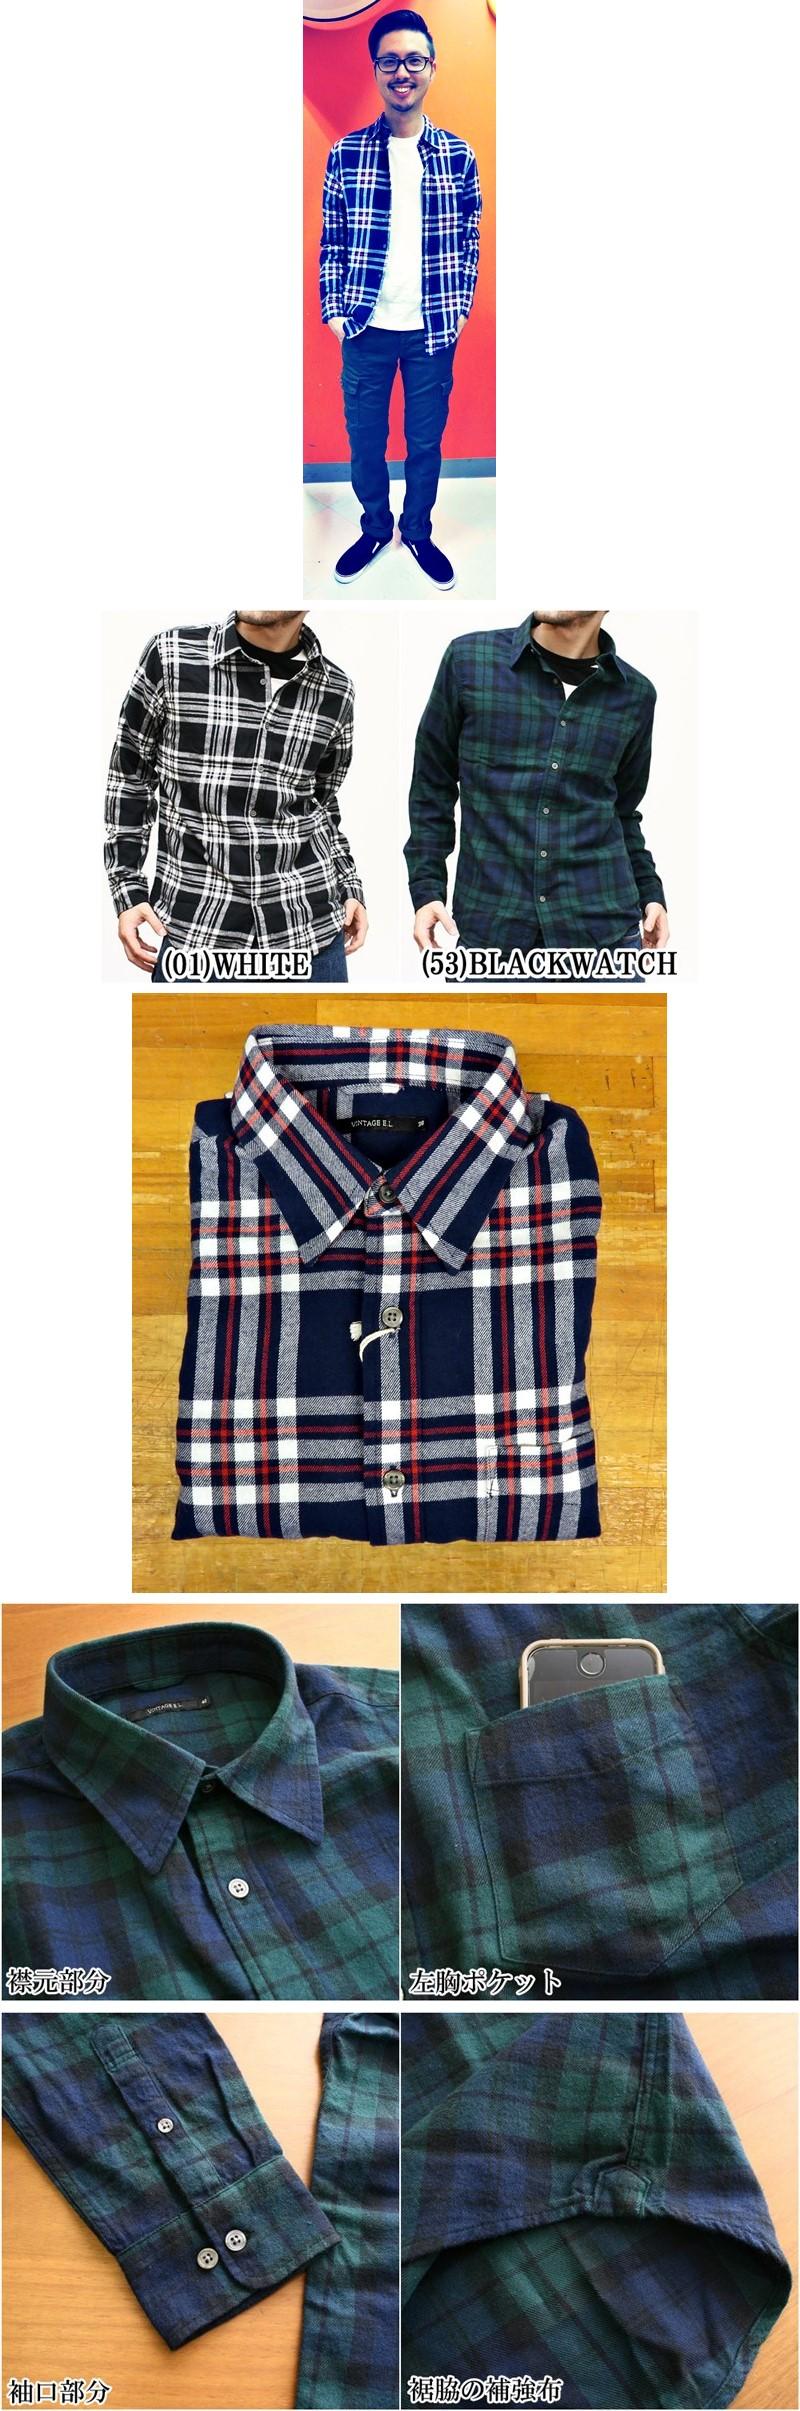 2015-10-11 チックシャツ ヴィンテージイーエル 010 ブログ用-vert タータンチェック